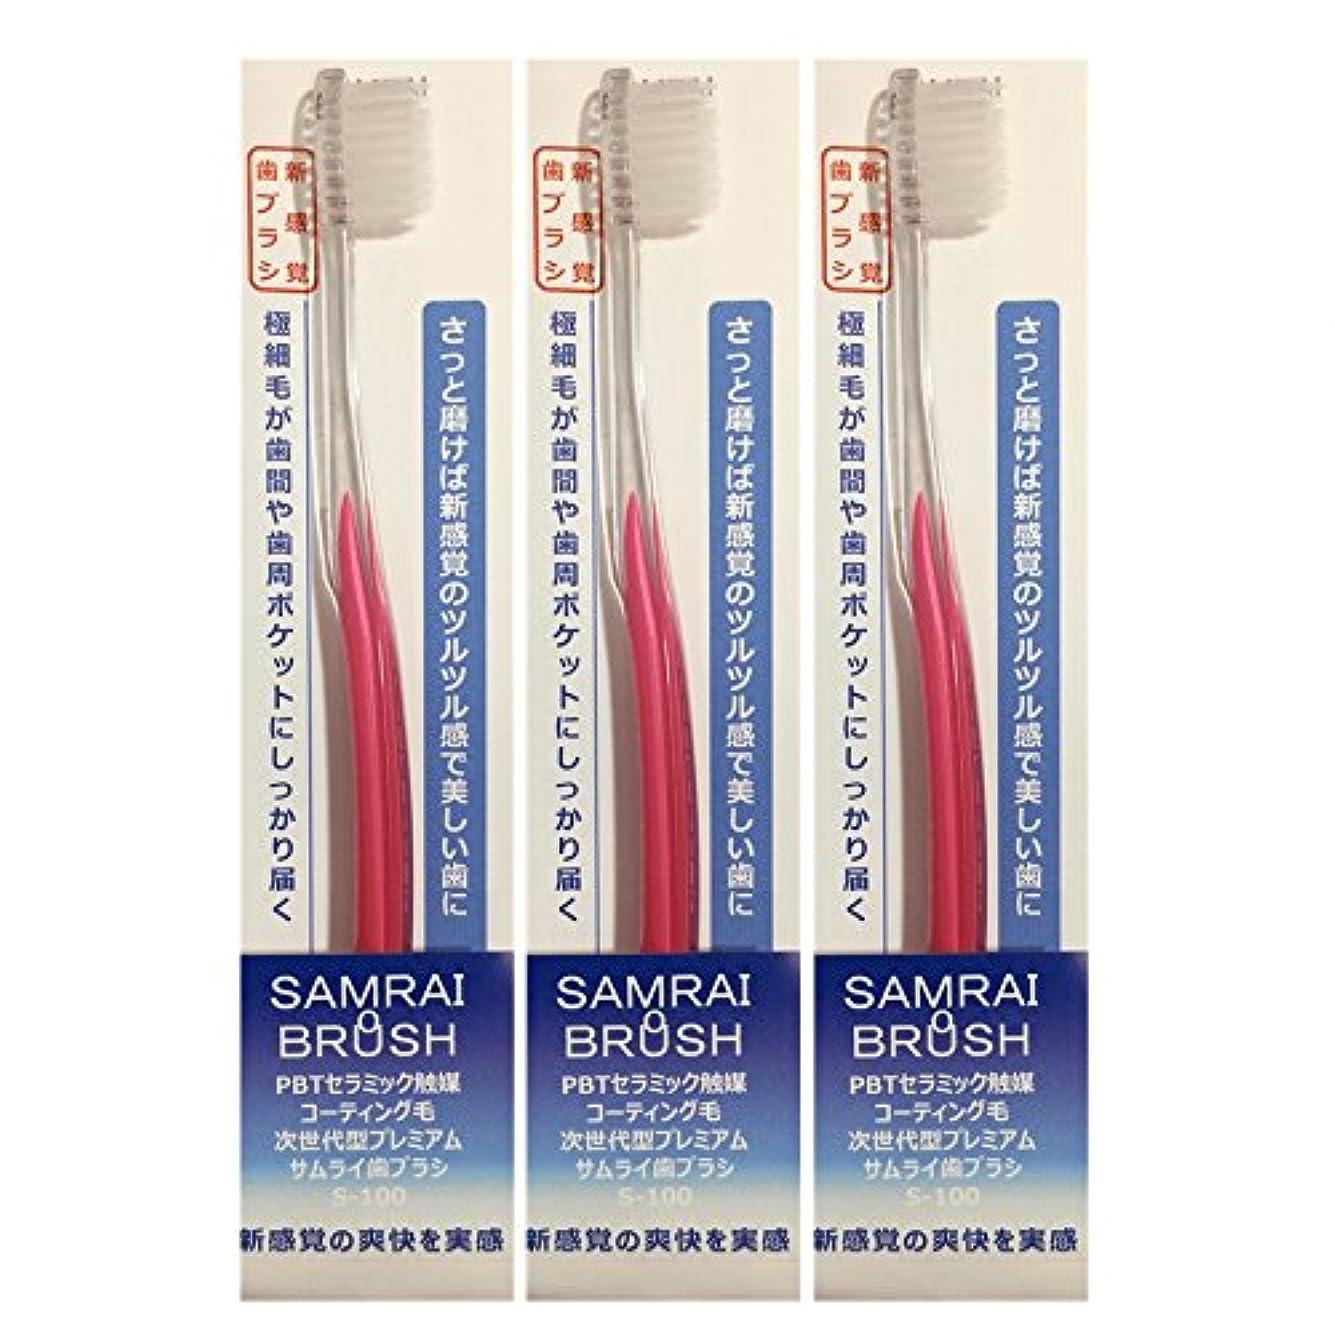 合法血まみれの医薬サムライ(SAMRAI)歯ブラシ ふつうピンク 3本